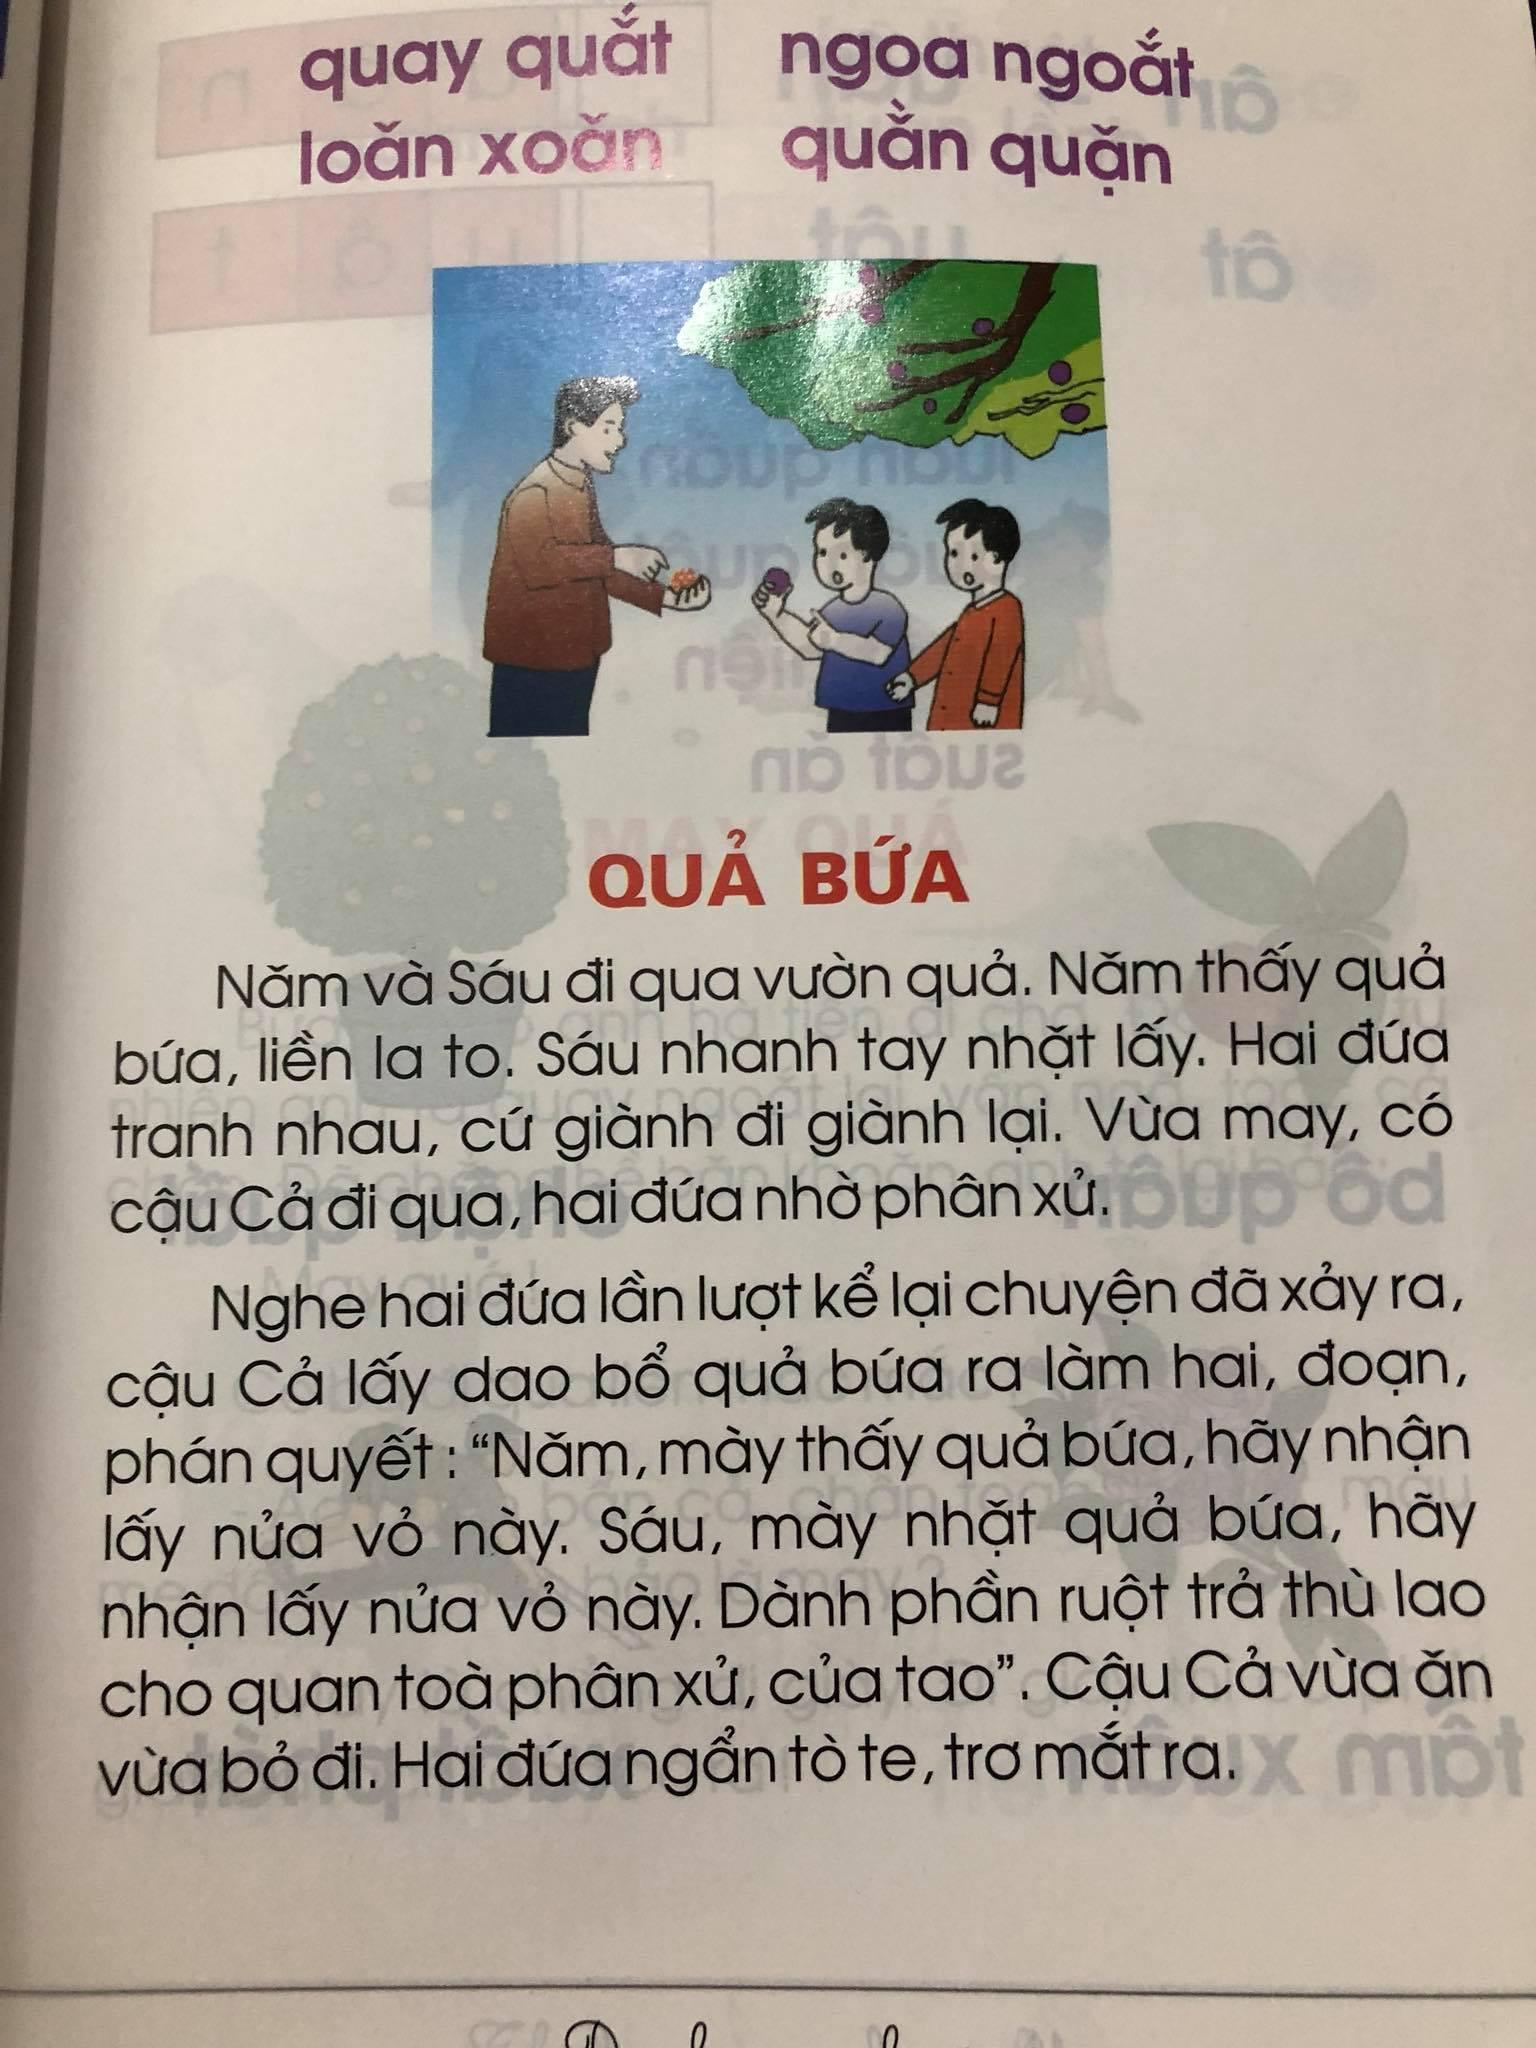 Ngày khai giảng, phụ huynh lo ngại về nội dung sách Tiếng Việt lớp 1 - Ảnh 2.